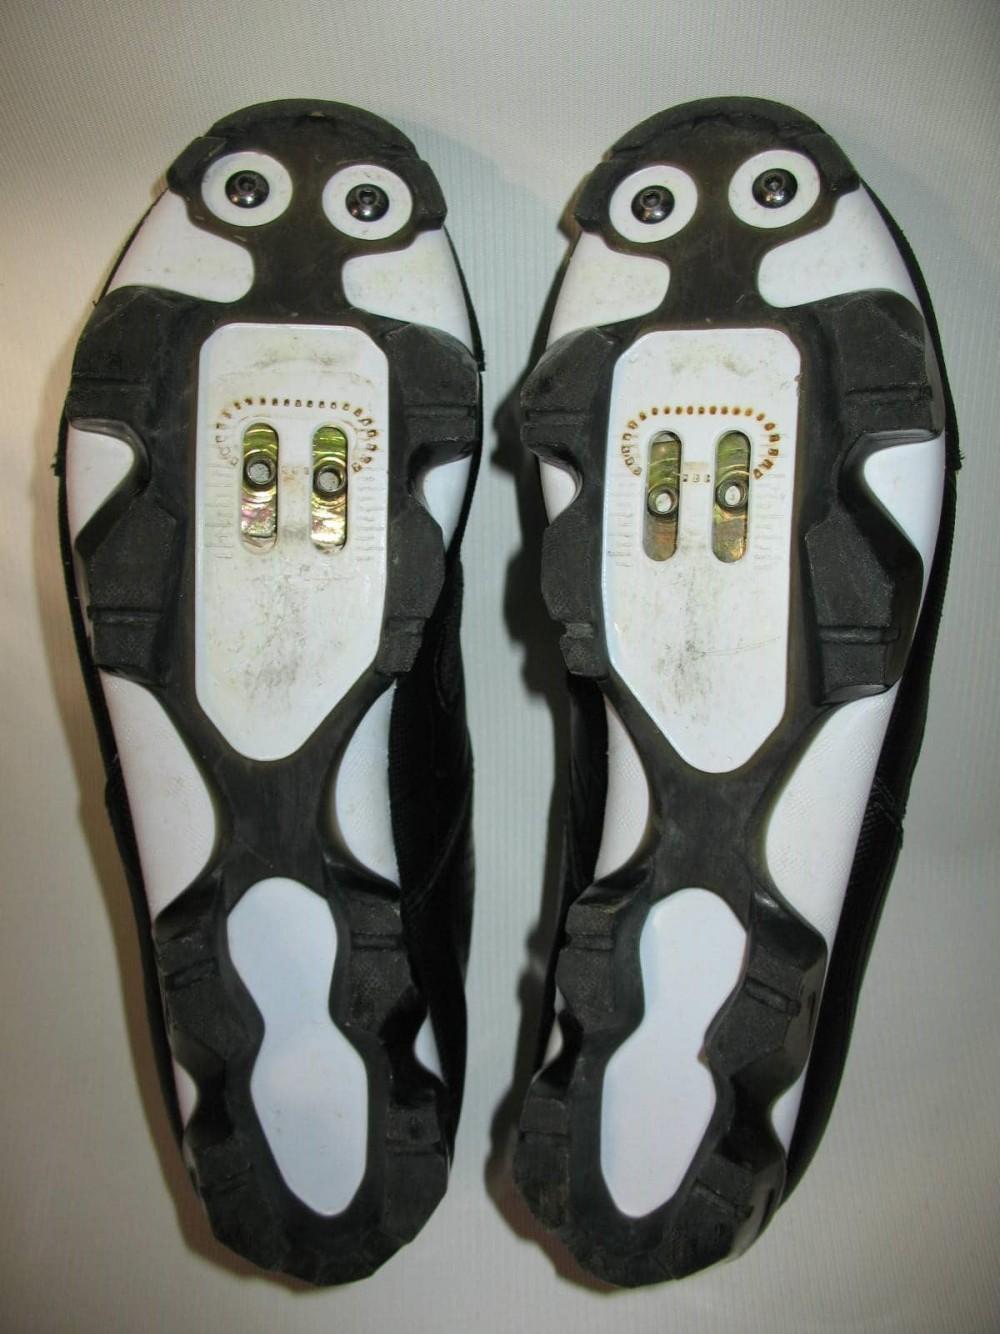 Велотуфли B'TWIN 500 mtb shoes (размер UK5,5/US6/EU39(на стопу до 245 mm)) - 6